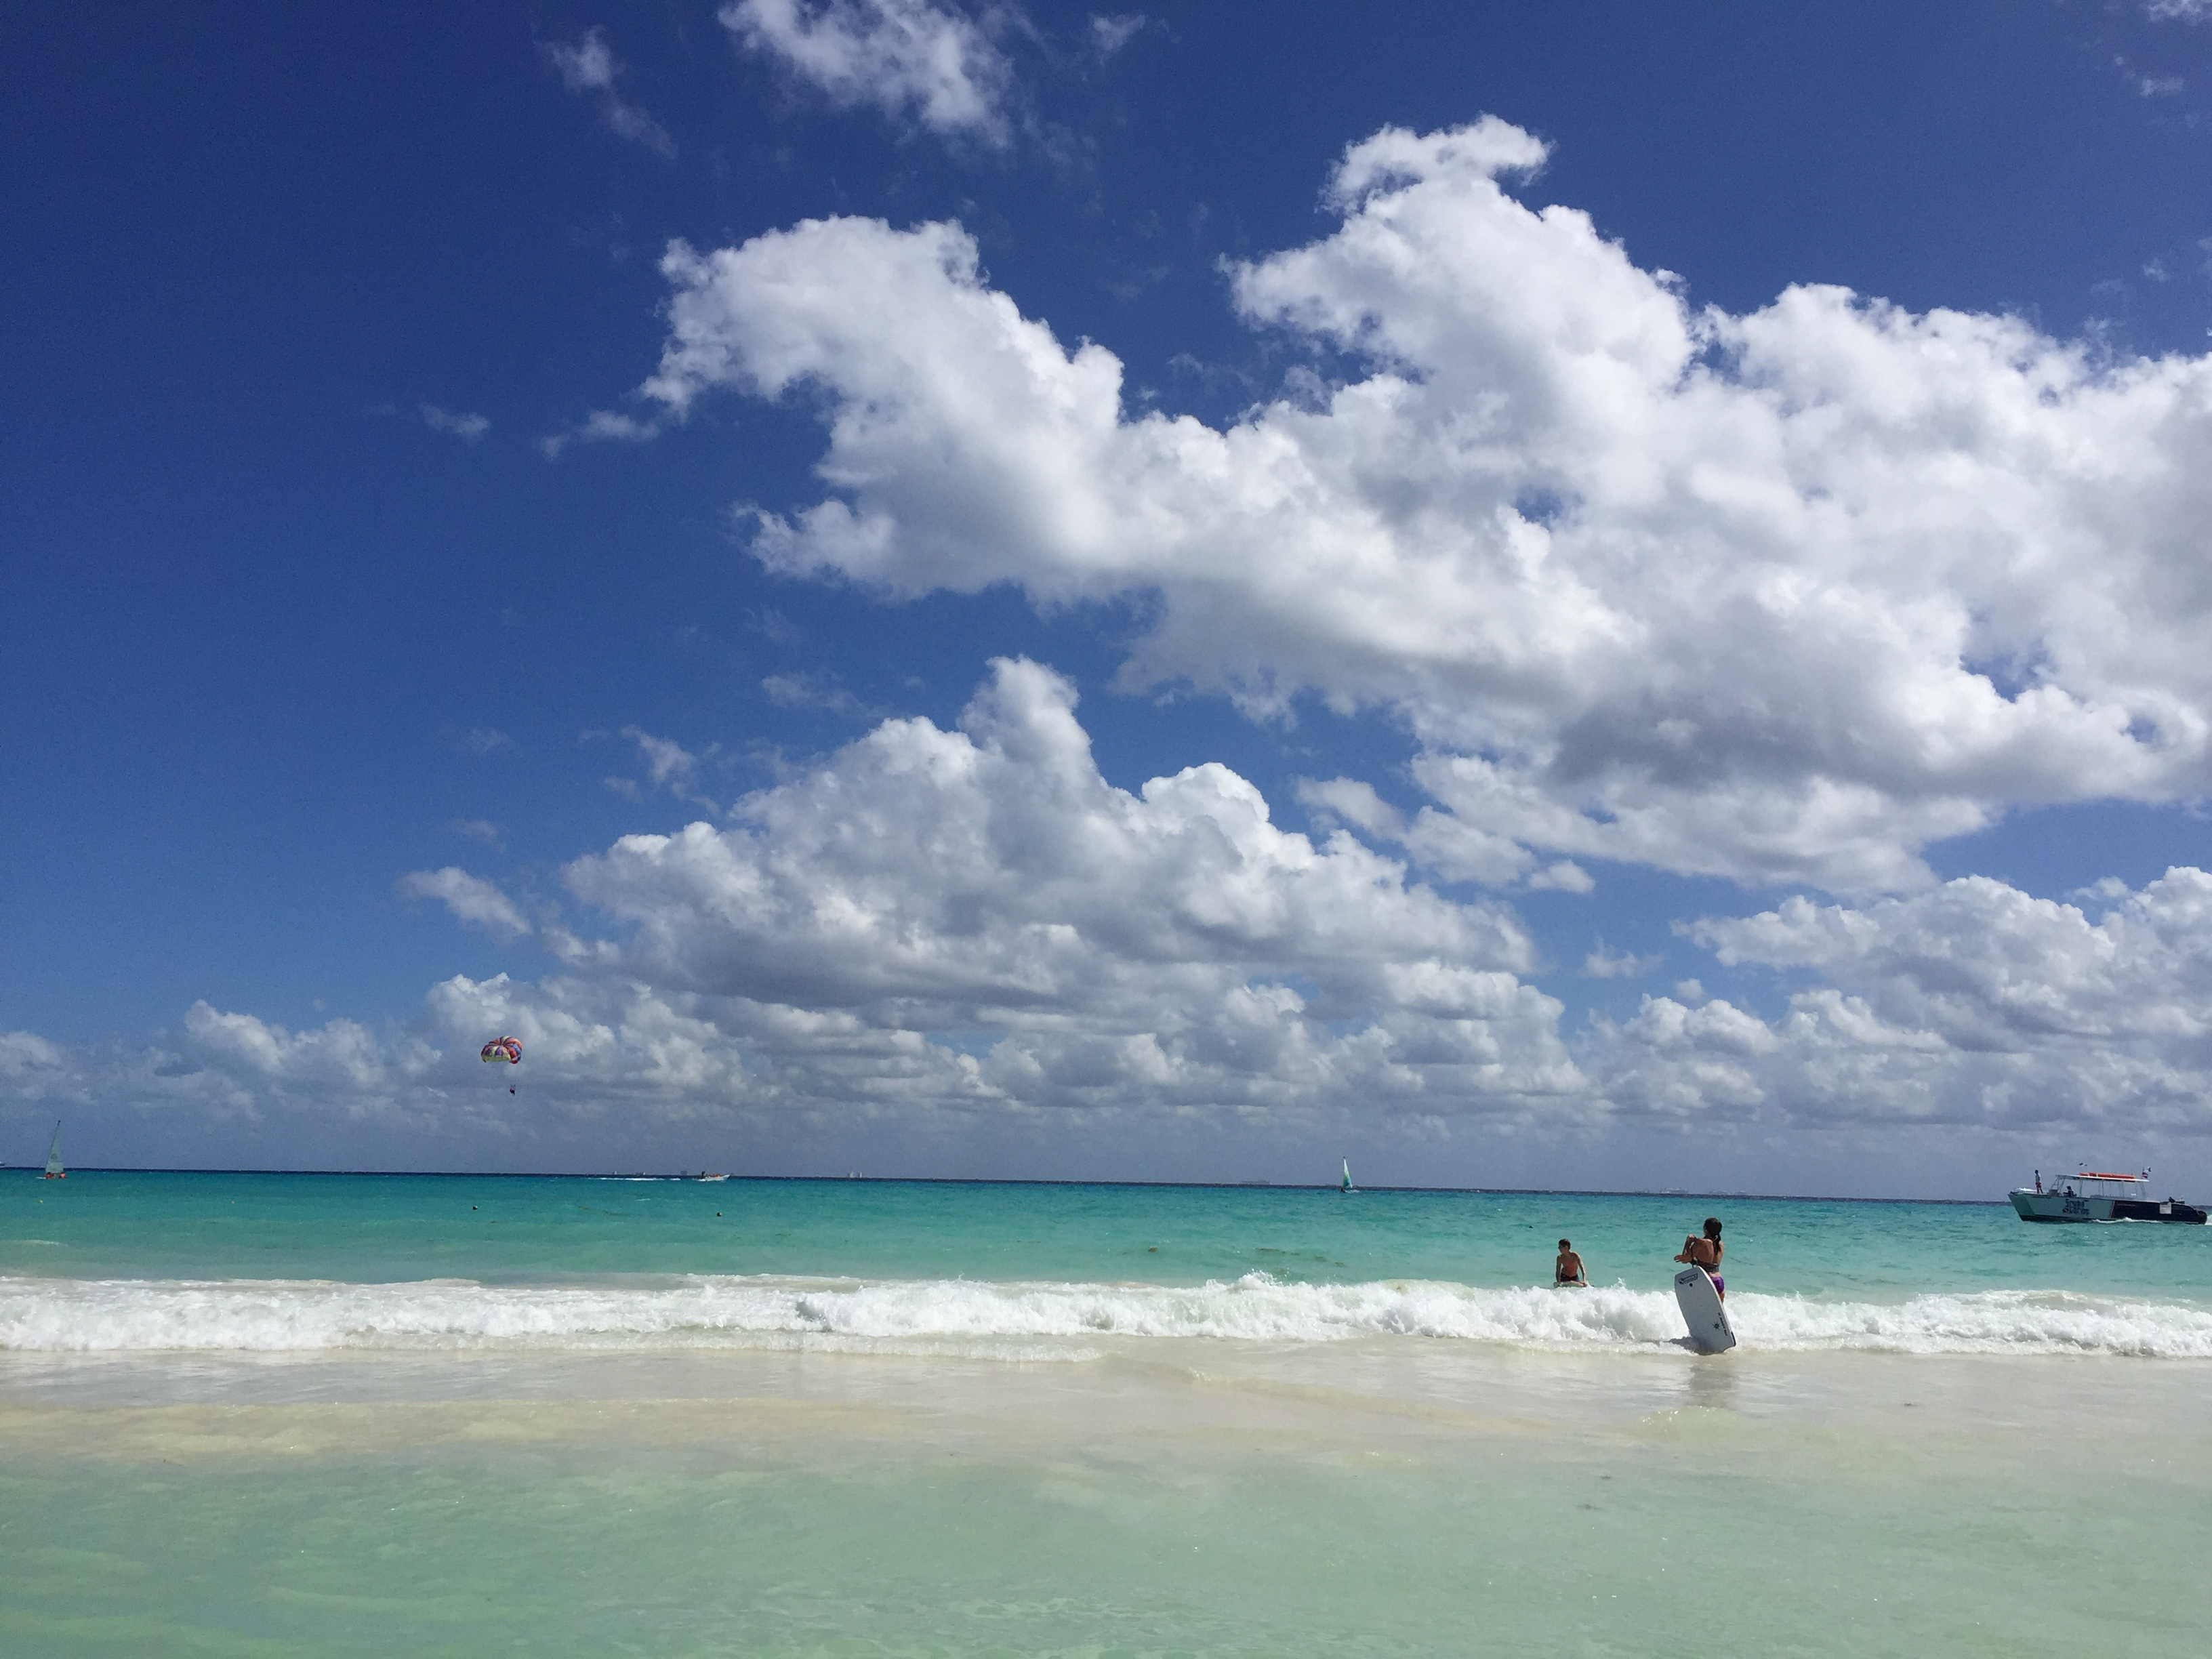 sky at beach